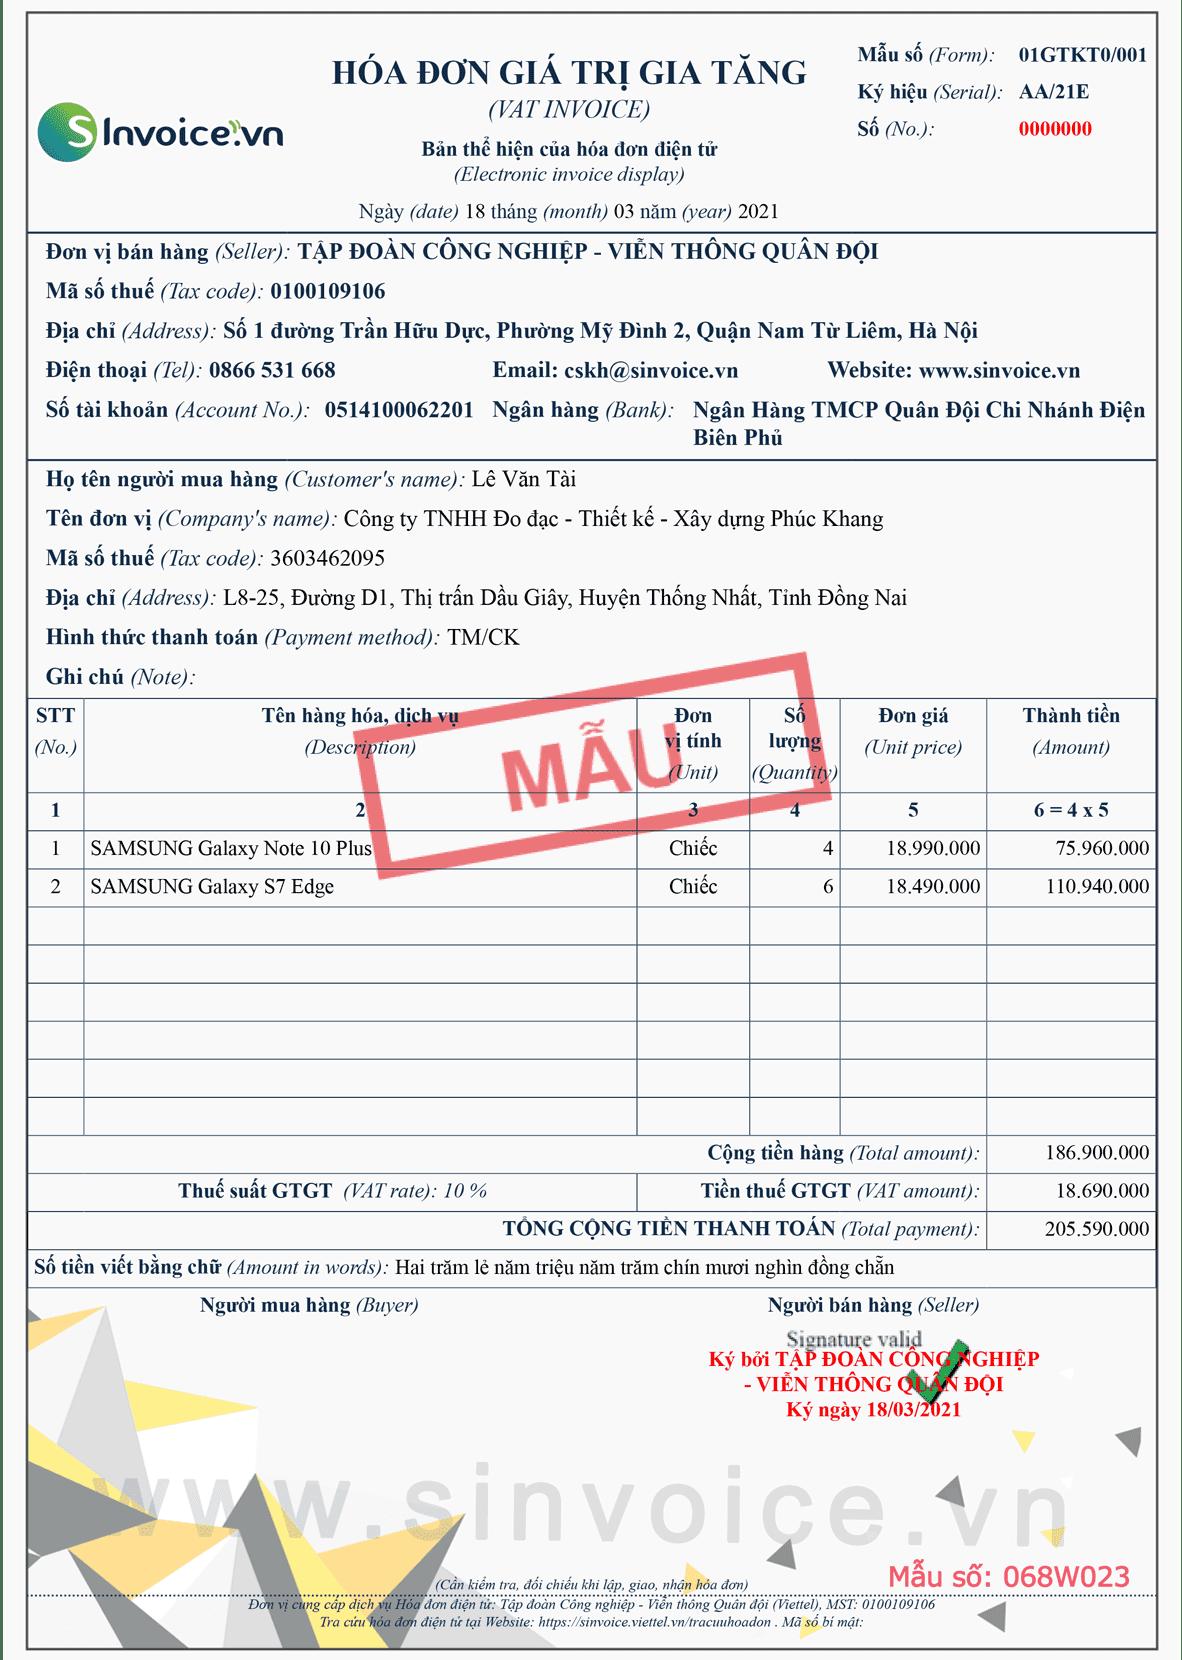 Mẫu hóa đơn điện tử số 068W023